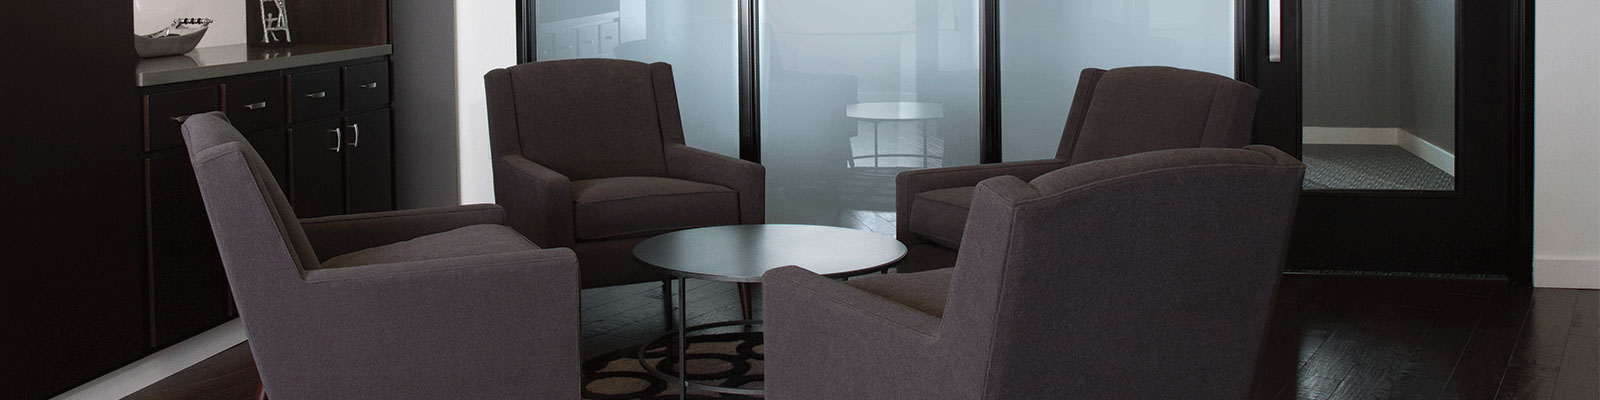 office_7252.jpg